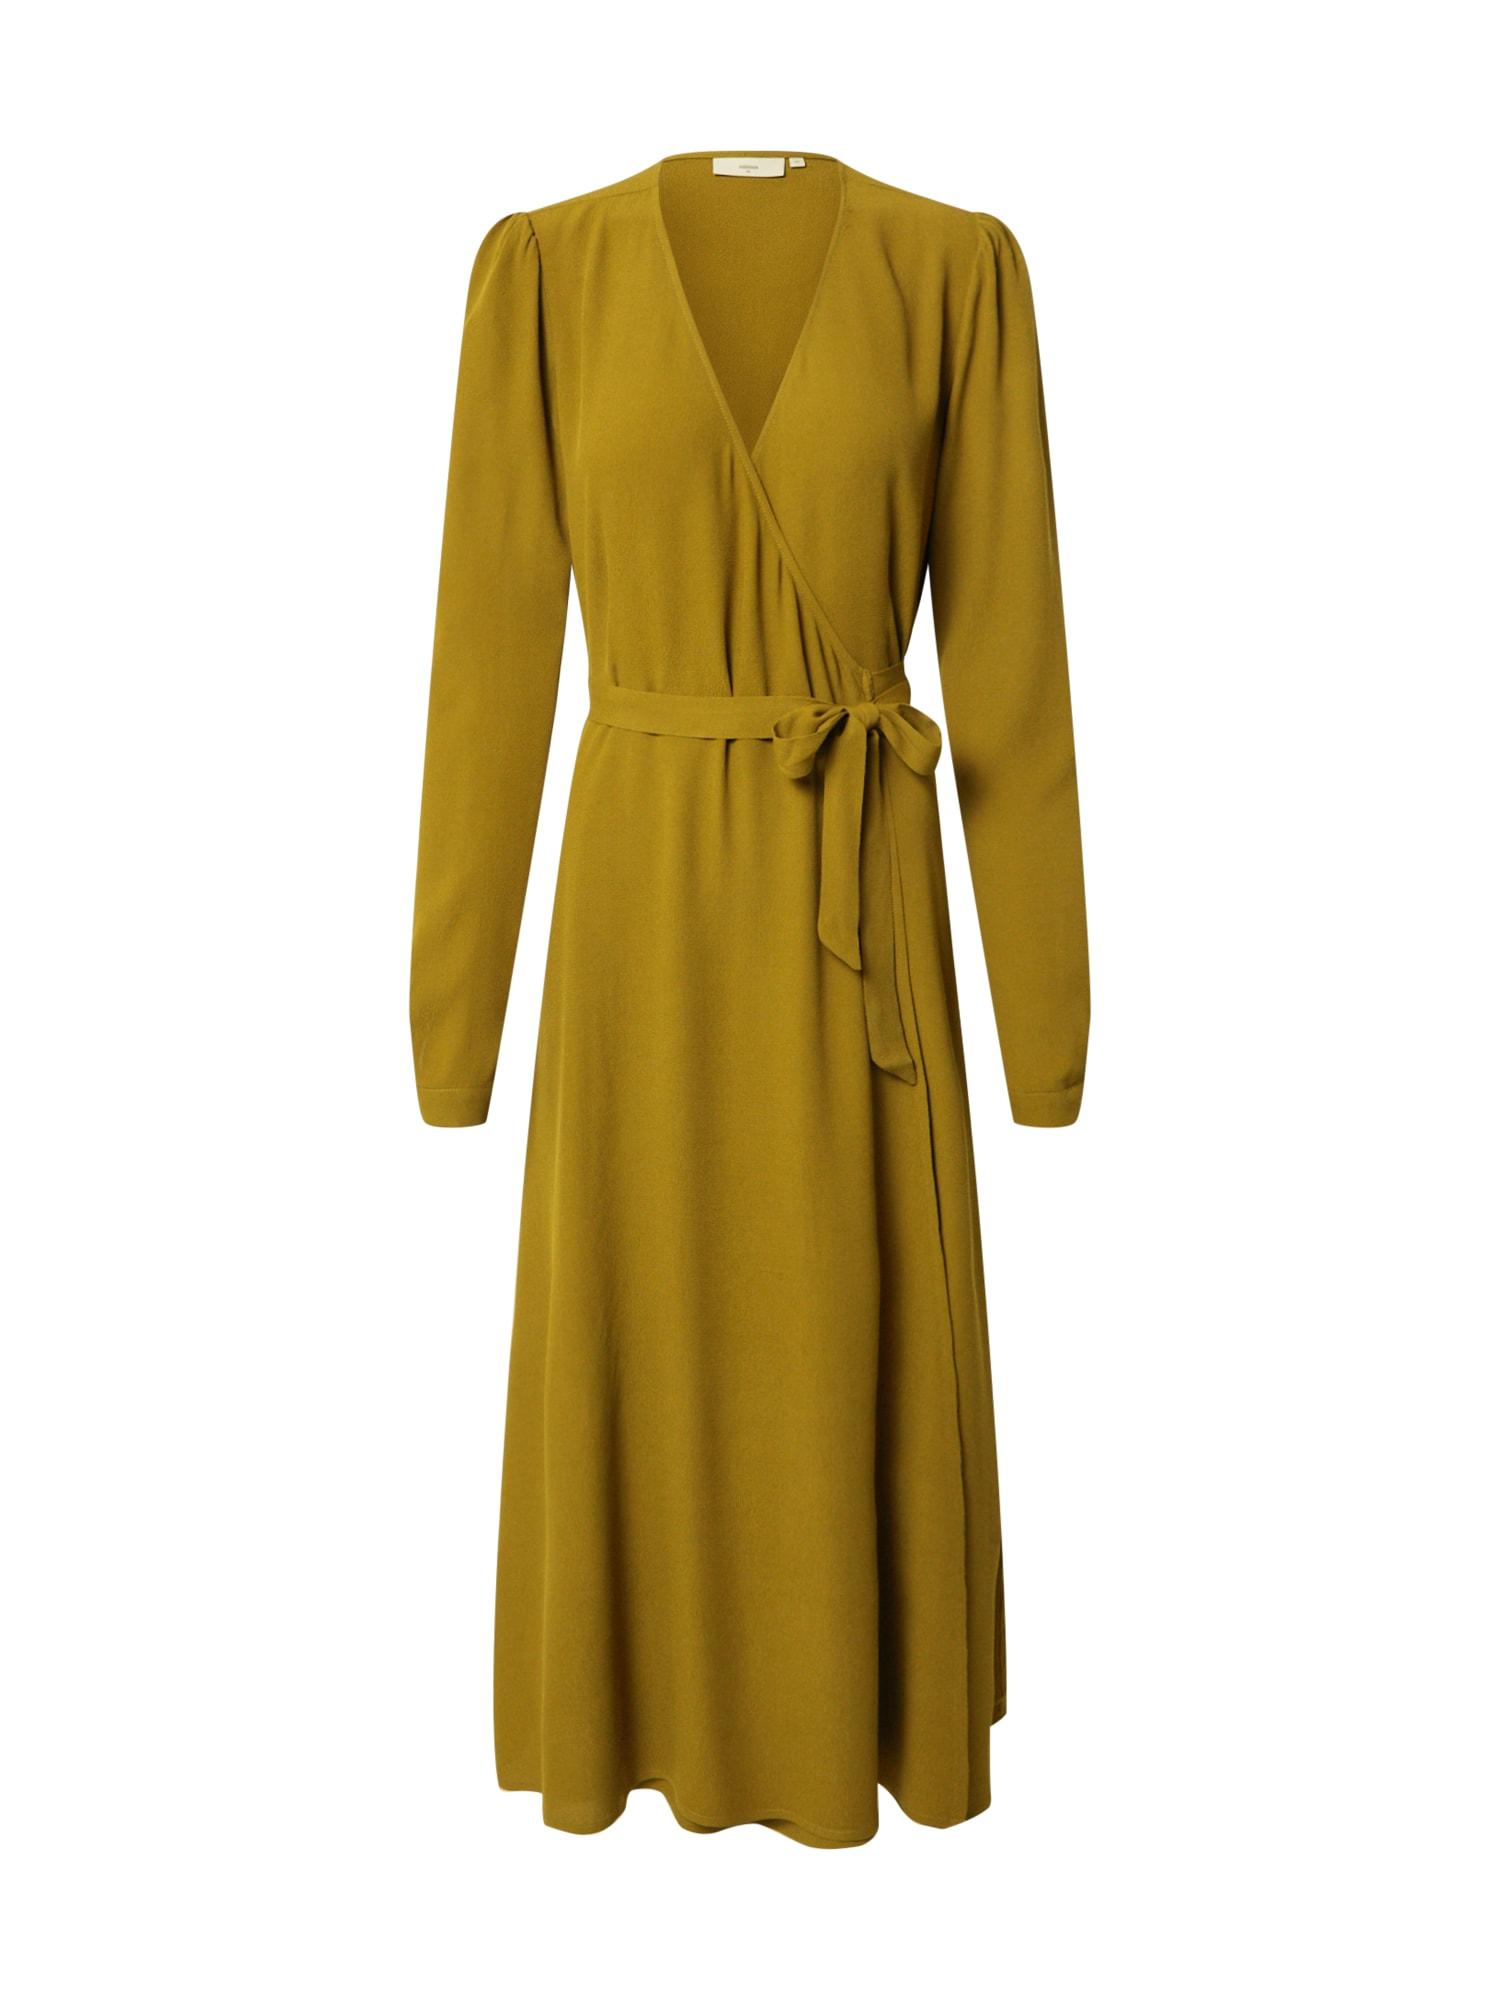 minimum Suknelė rusvai žalia